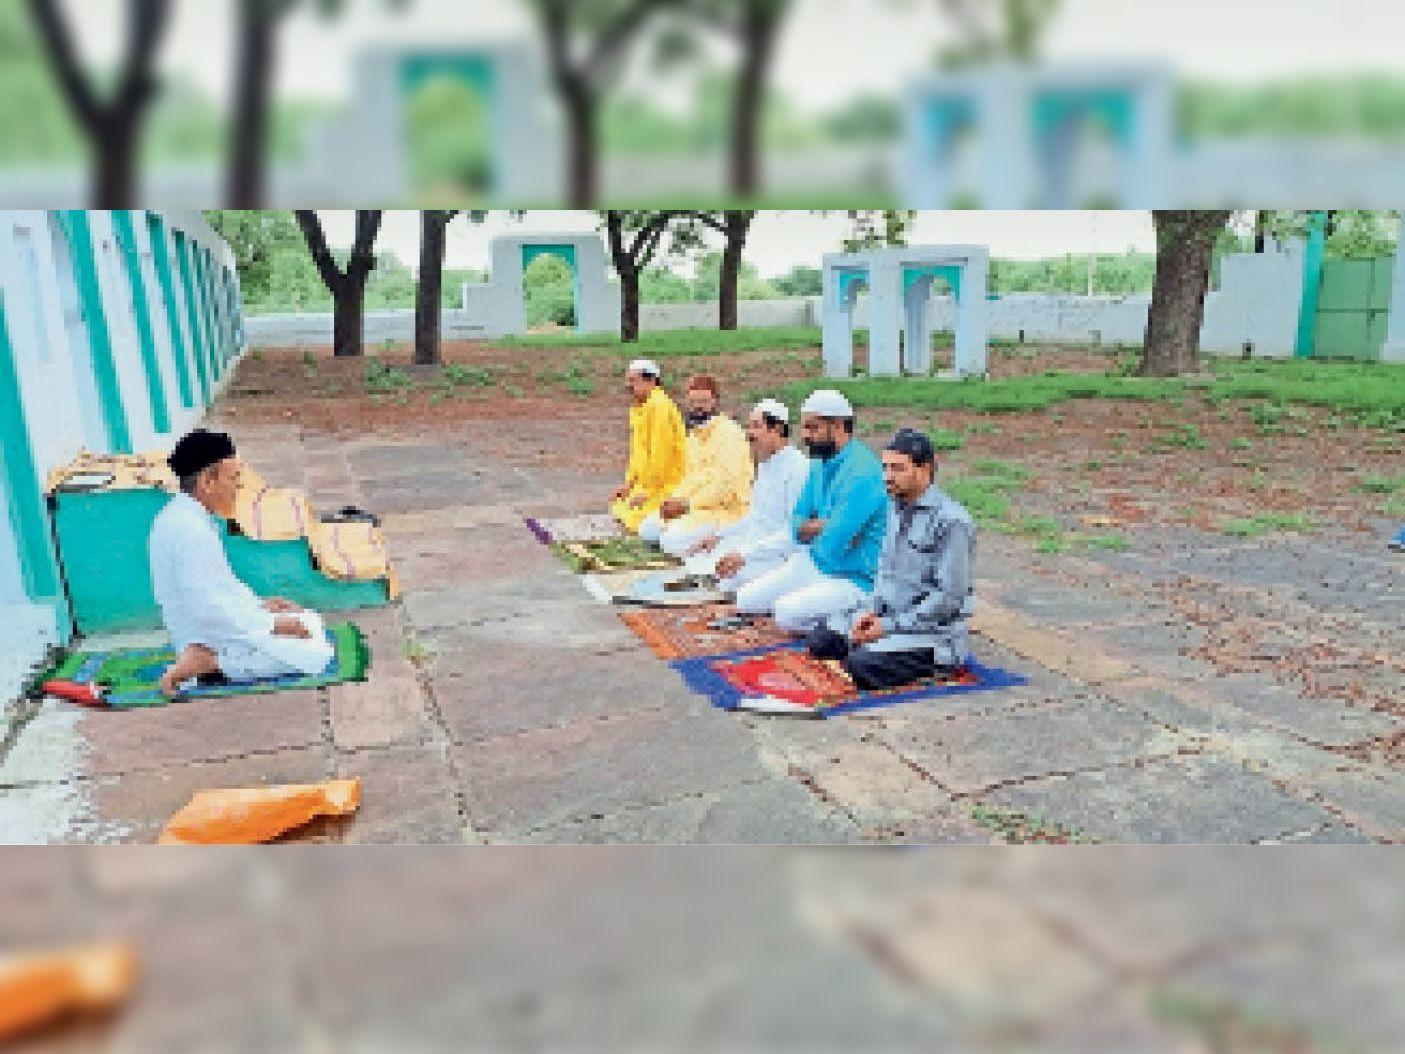 ईदुलअजहा का पर्व जिलेभर में उल्लास से मनाया गया। मुस्लिम समाज के लोगों ने कोरोना गाइडलाइन की पालना कर पांच लोगों के साथ ईद की नमाज अदा की। ईदगाह में नमाज अदा करते मुस्लिमजन। - Dainik Bhaskar